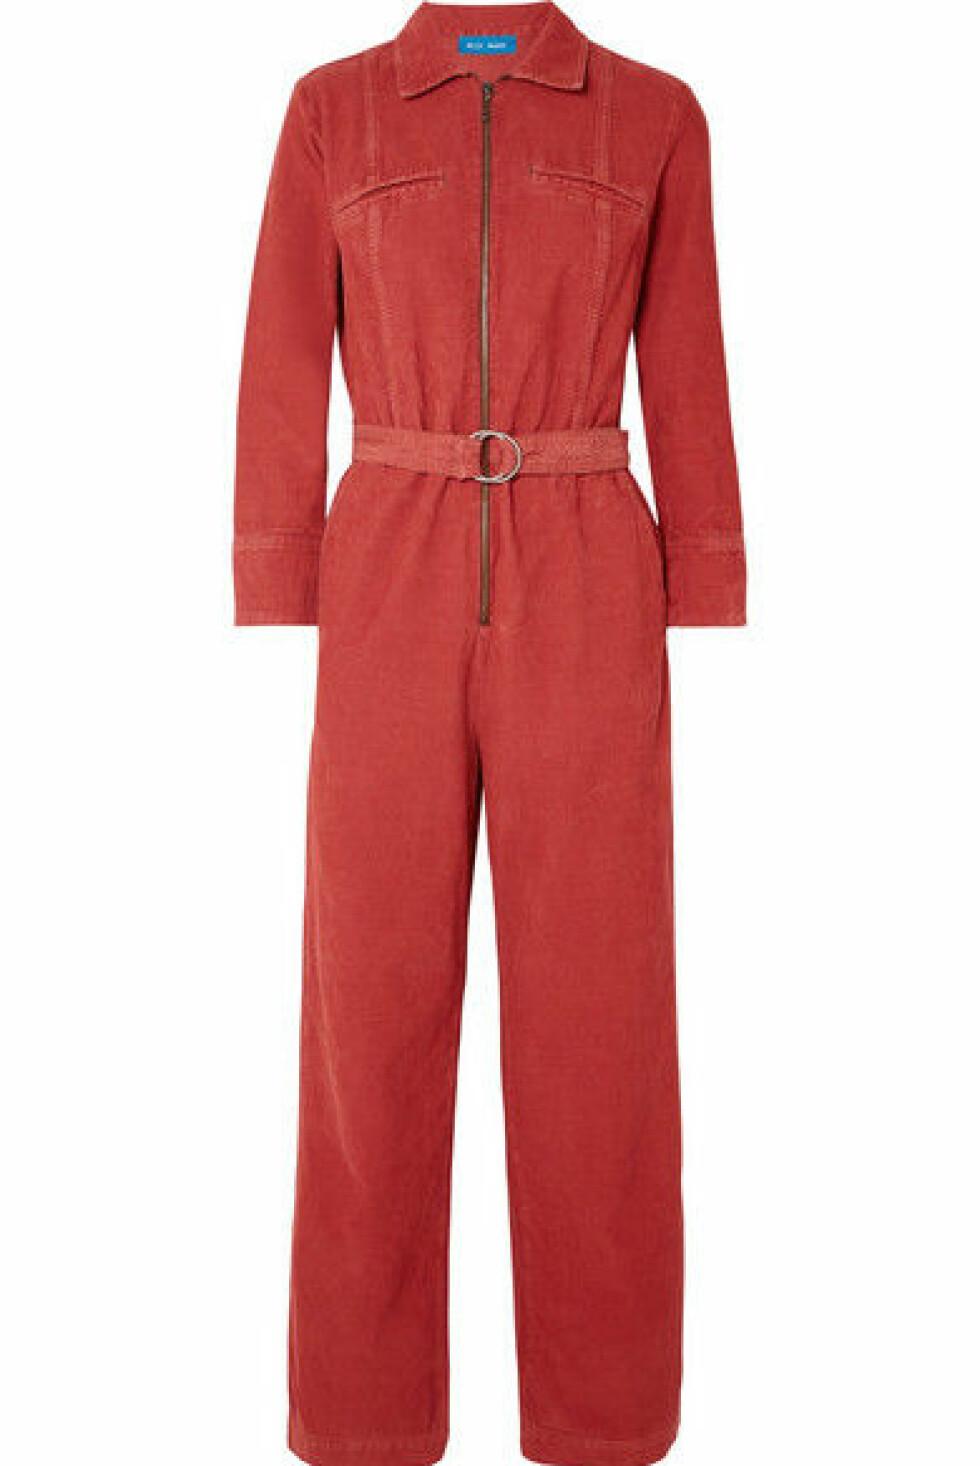 Jumpsuit fra M.I.H Jeans |3380,-| https://www.net-a-porter.com/no/en/product/1055981/m_i_h_jeans/drayson-belted-cotton-corduroy-jumpsuit